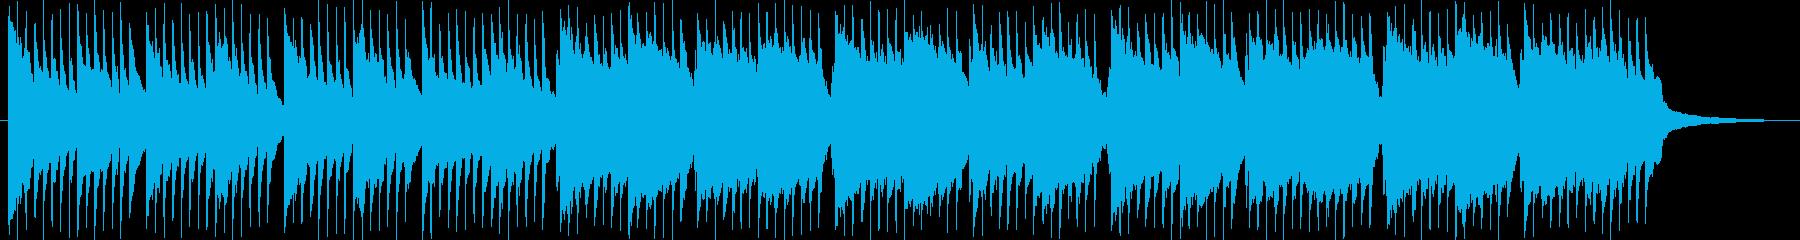 琴、尺八、日本らしい切ない和風曲の再生済みの波形